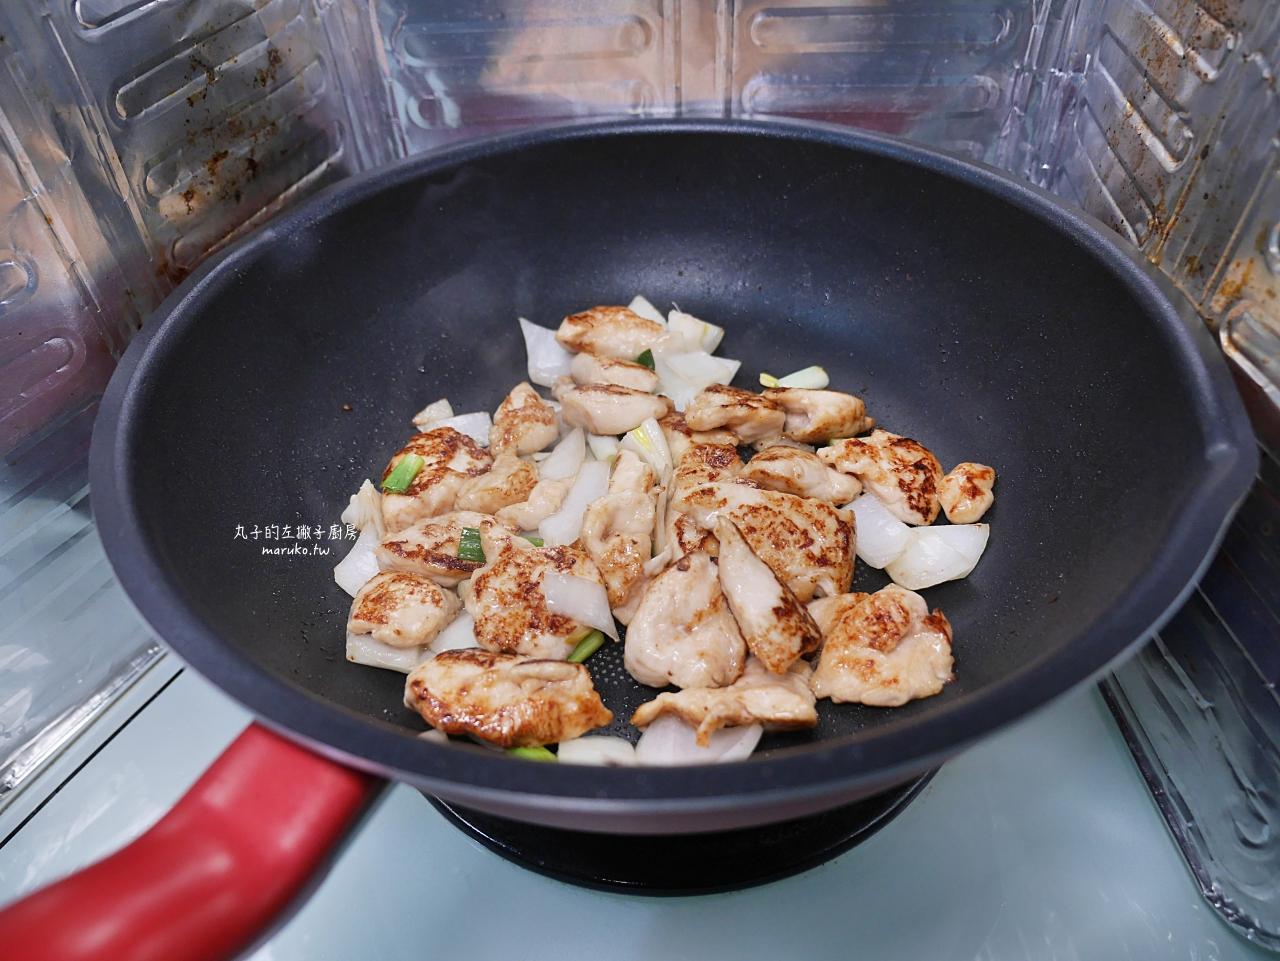 【食譜】糖醋雞丁/讓雞肉吃起來更香嫩的做法 @Maruko與美食有個約會